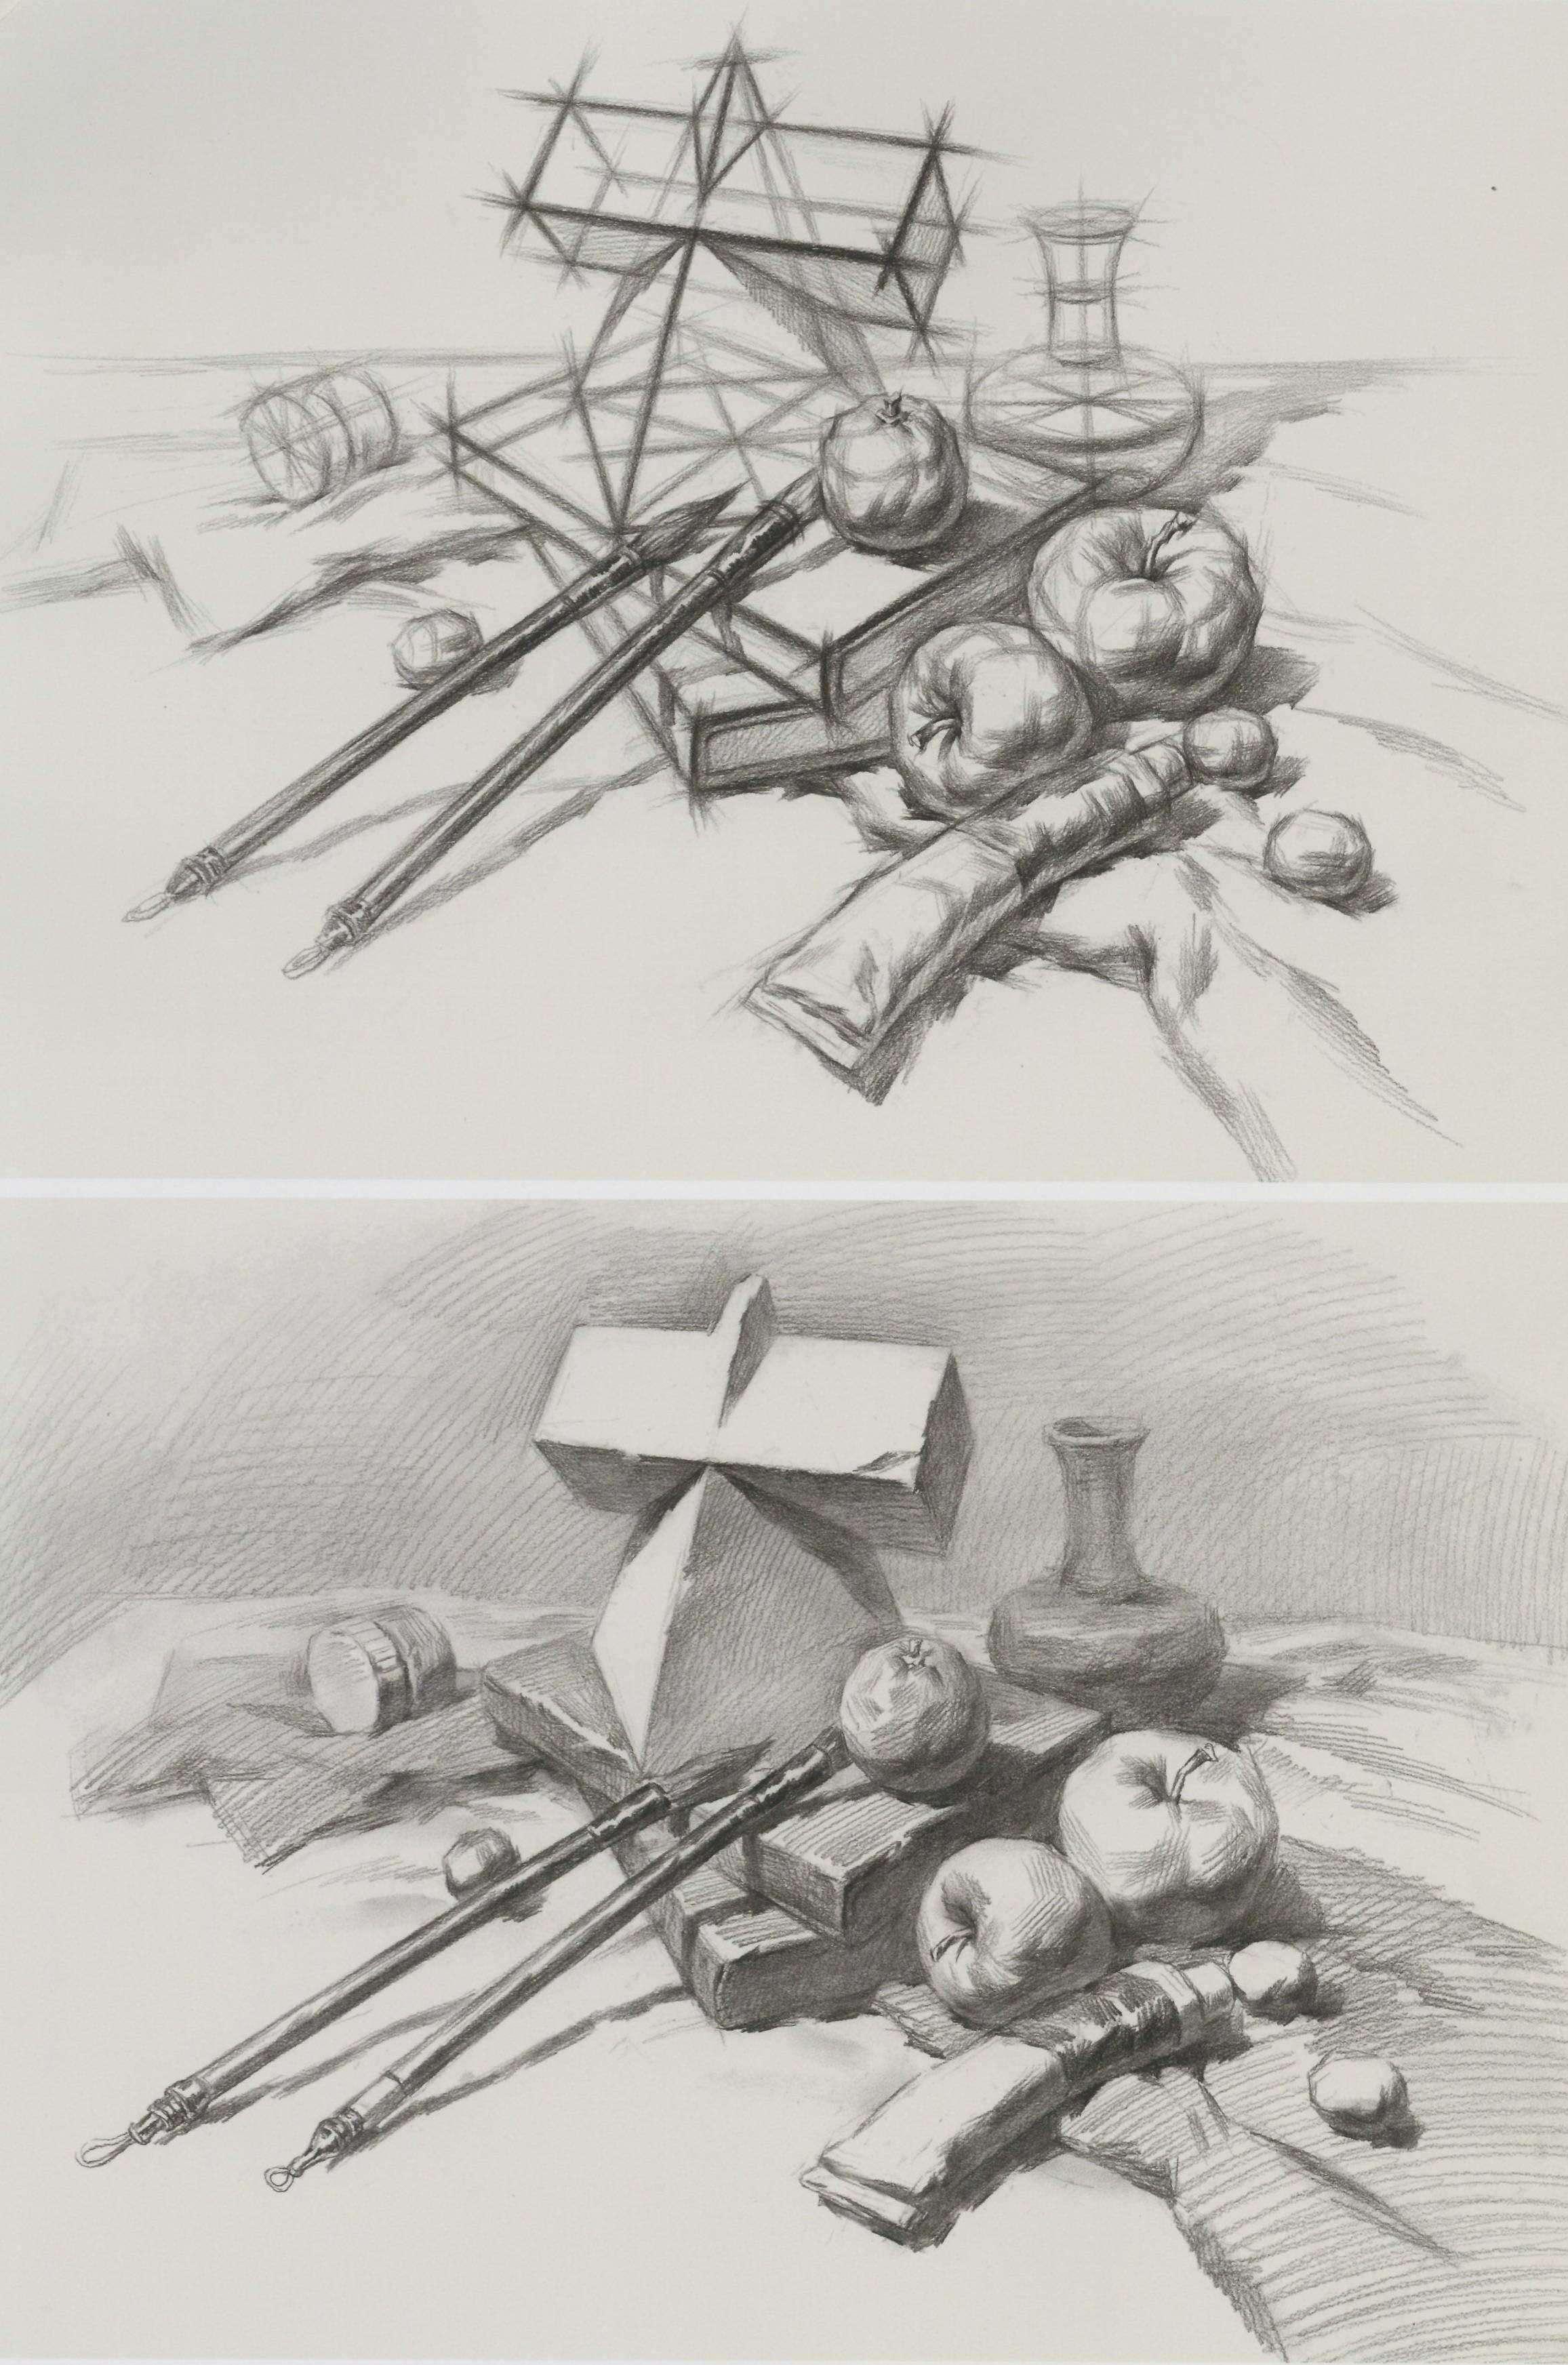 素描方锥贯穿体、瓶子、书本、毛笔、苹果、牙膏等组合